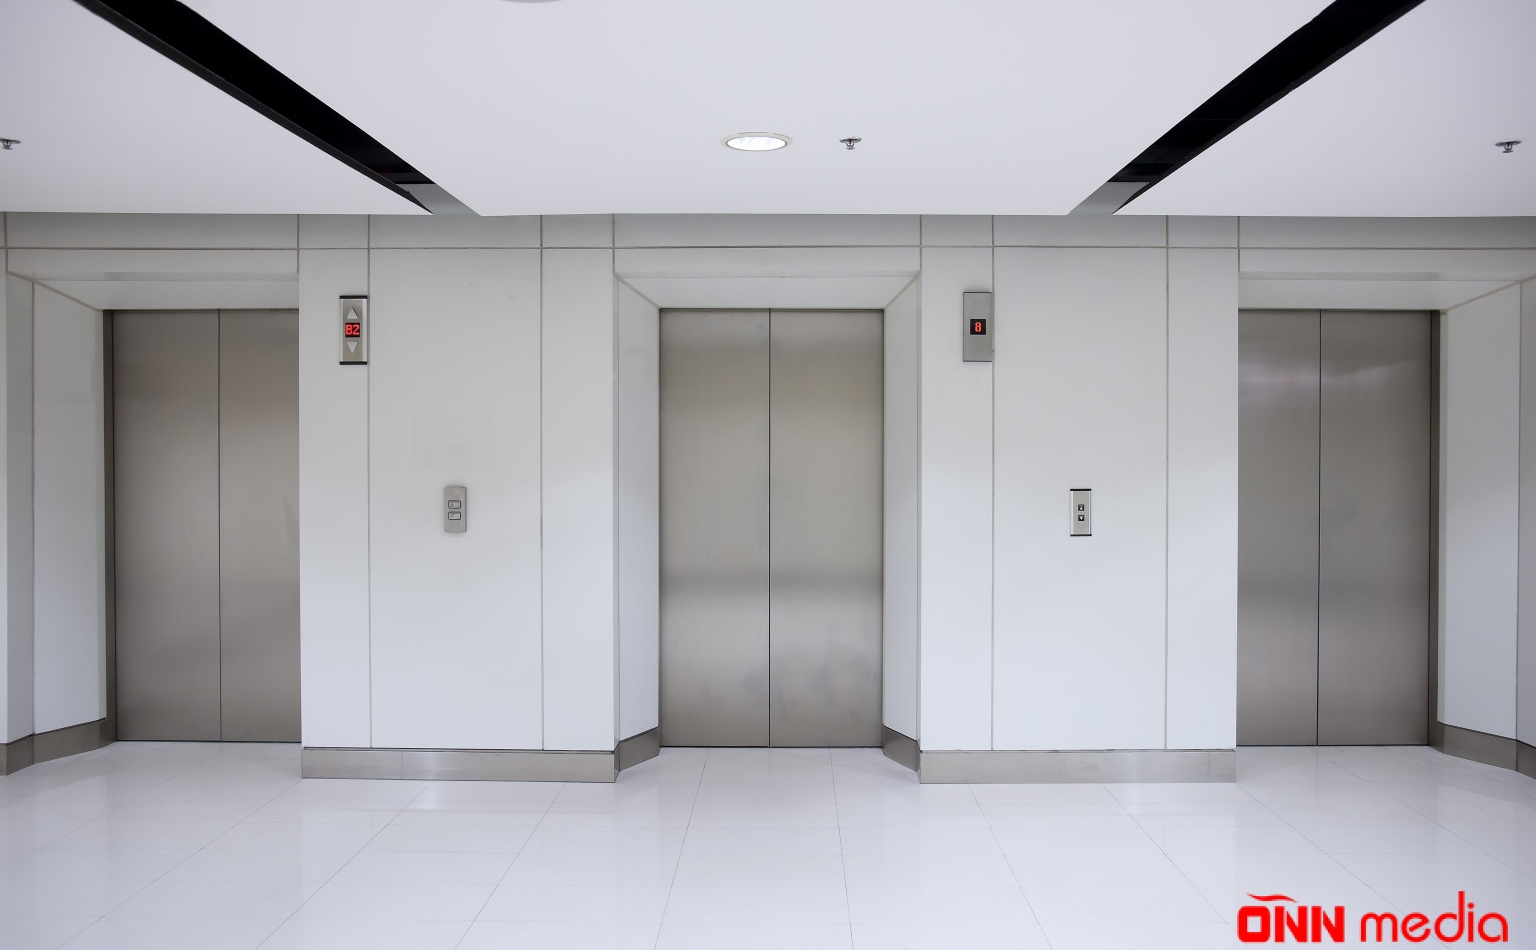 4 nəfər liftə köməksiz qaldı – FHN